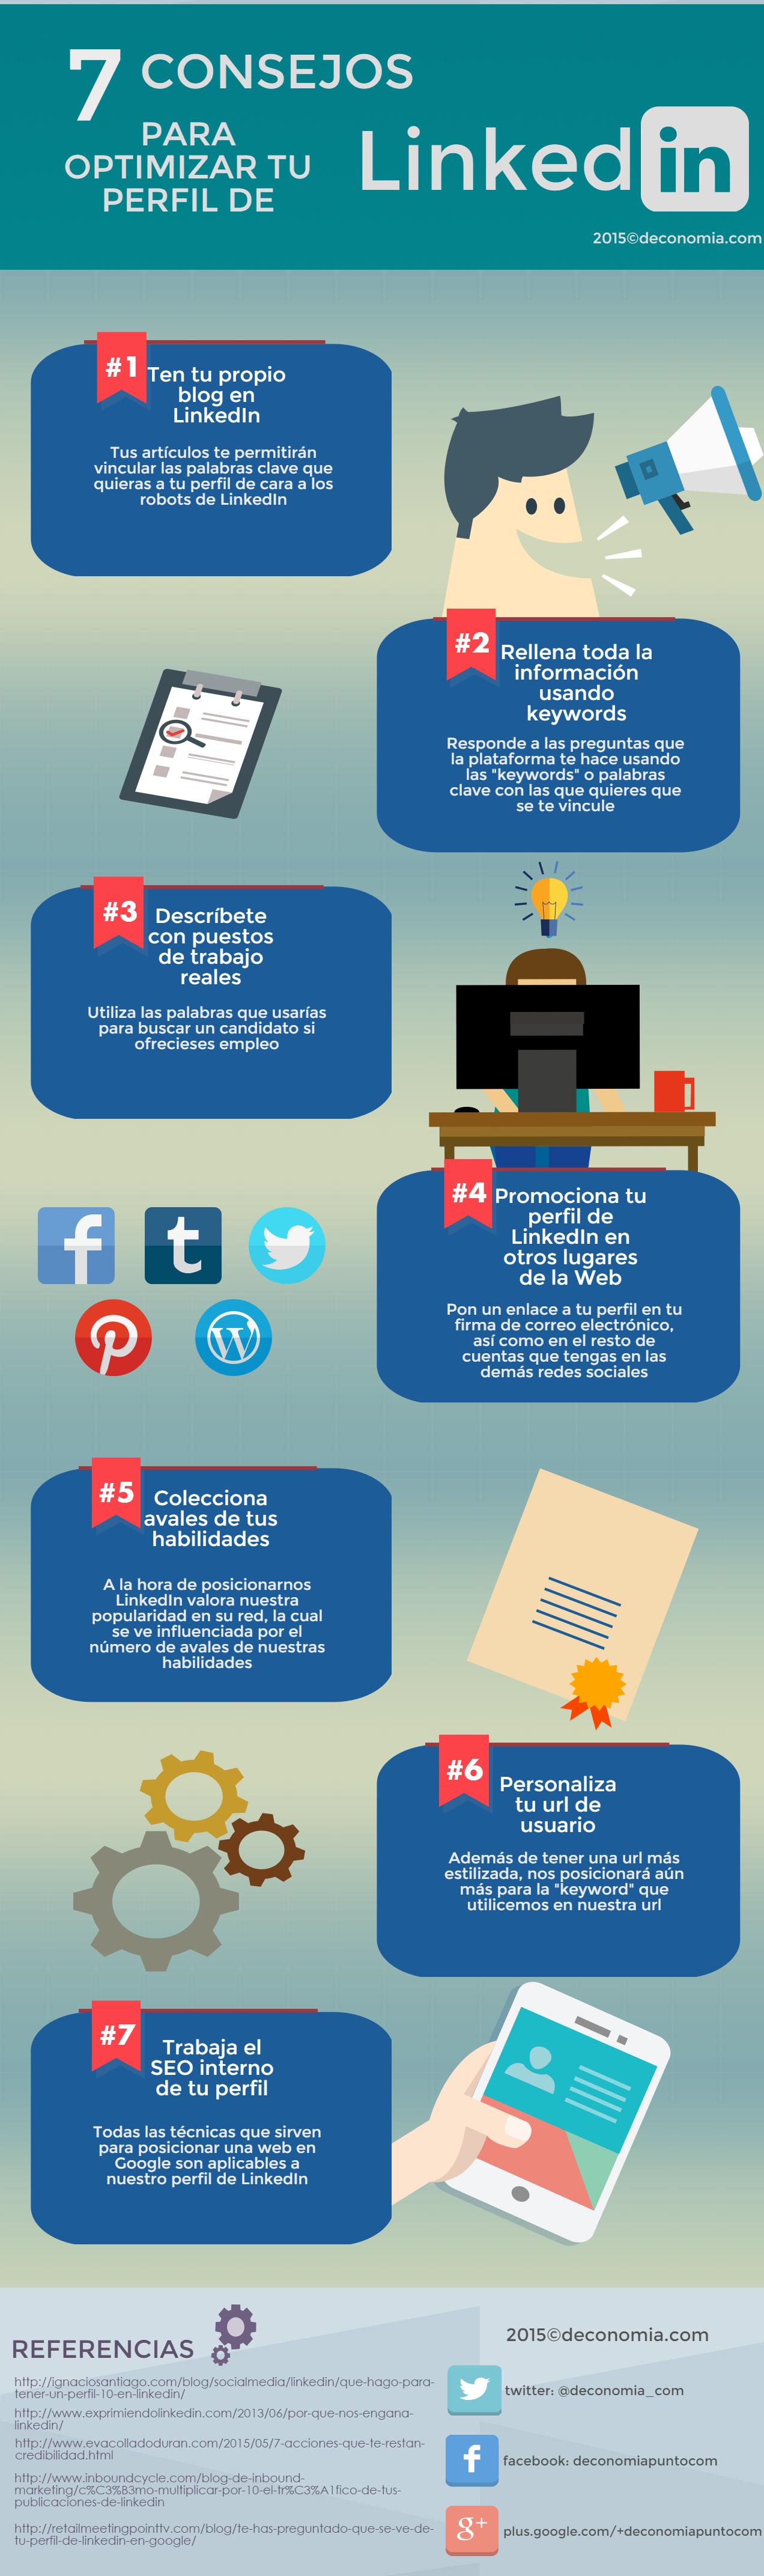 7 Consejos Para Optimizar Tu Perfil En Linkedin Infografia Infographic Socialmedia Tics Y Formación Marketing Estrategias De Marketing Marketing De Contenidos